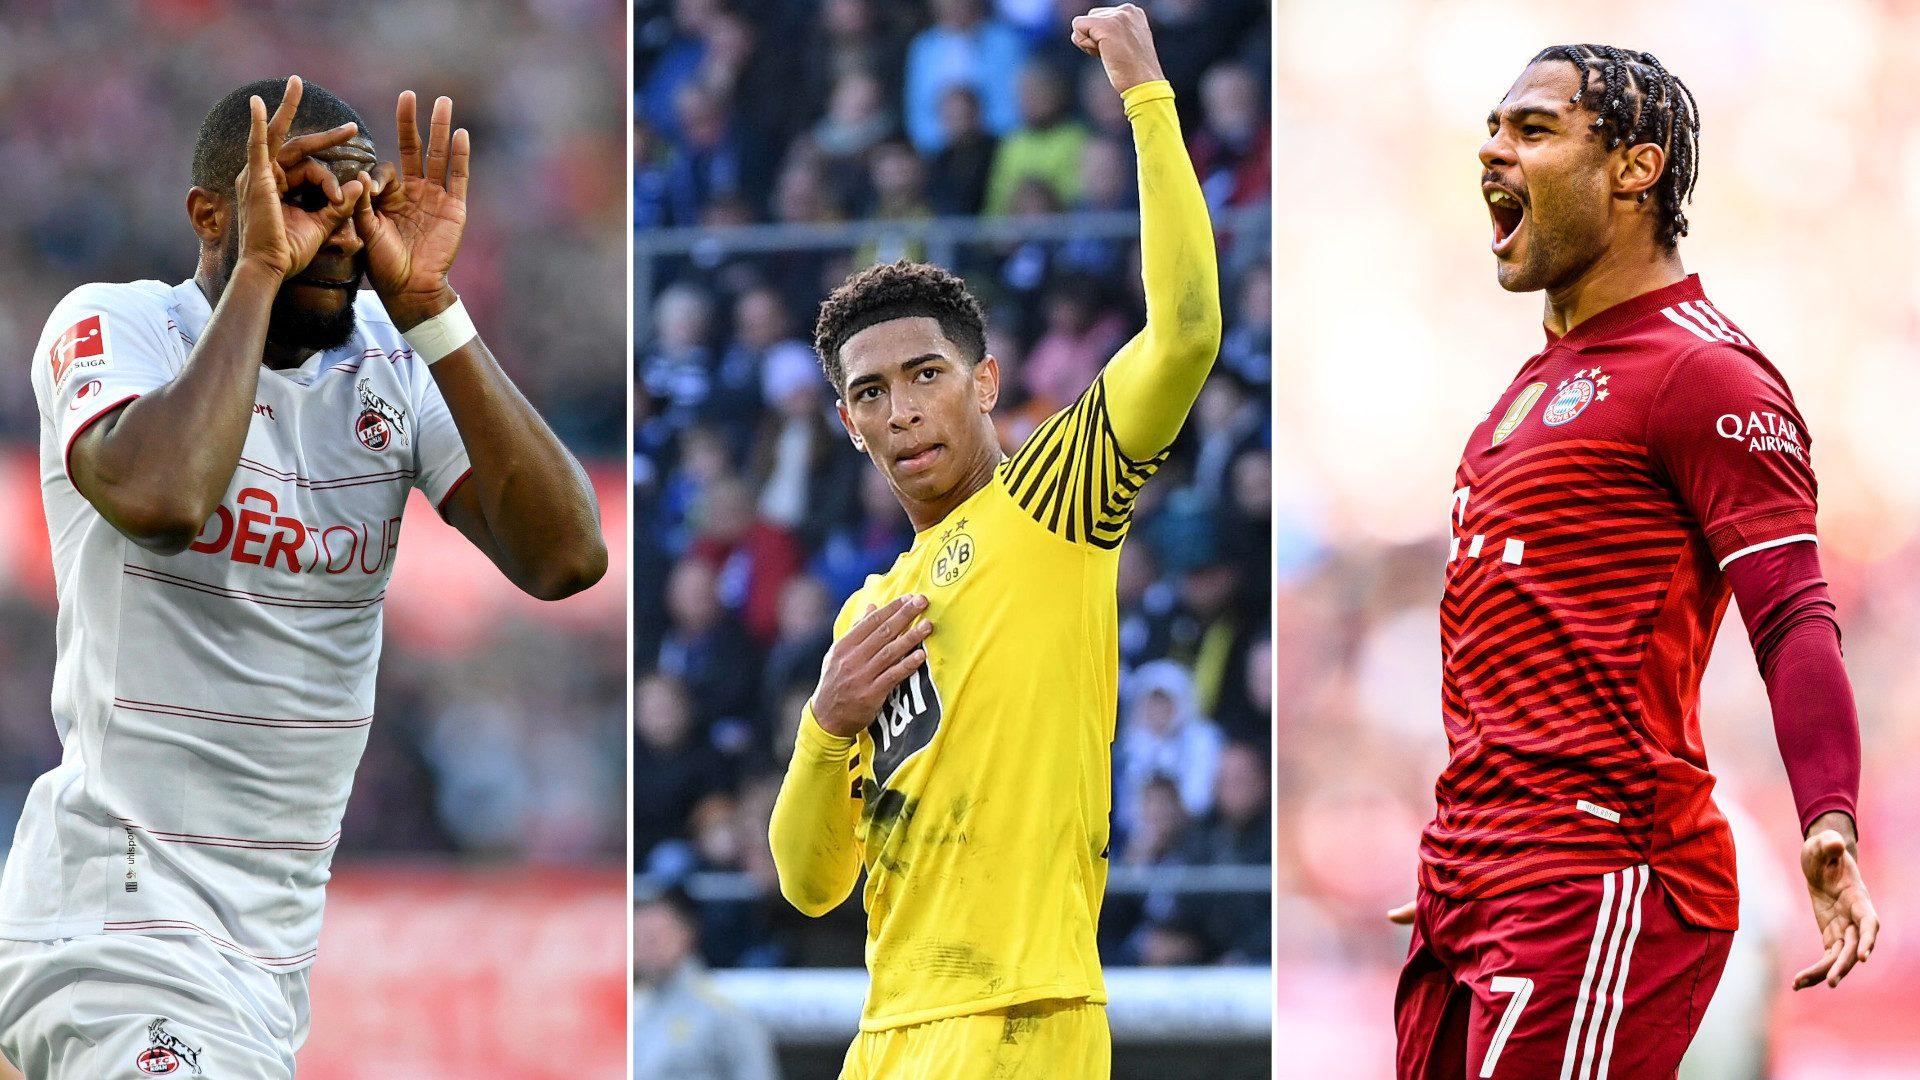 9. Spieltag im Fokus: Darüber spricht die Bundesliga